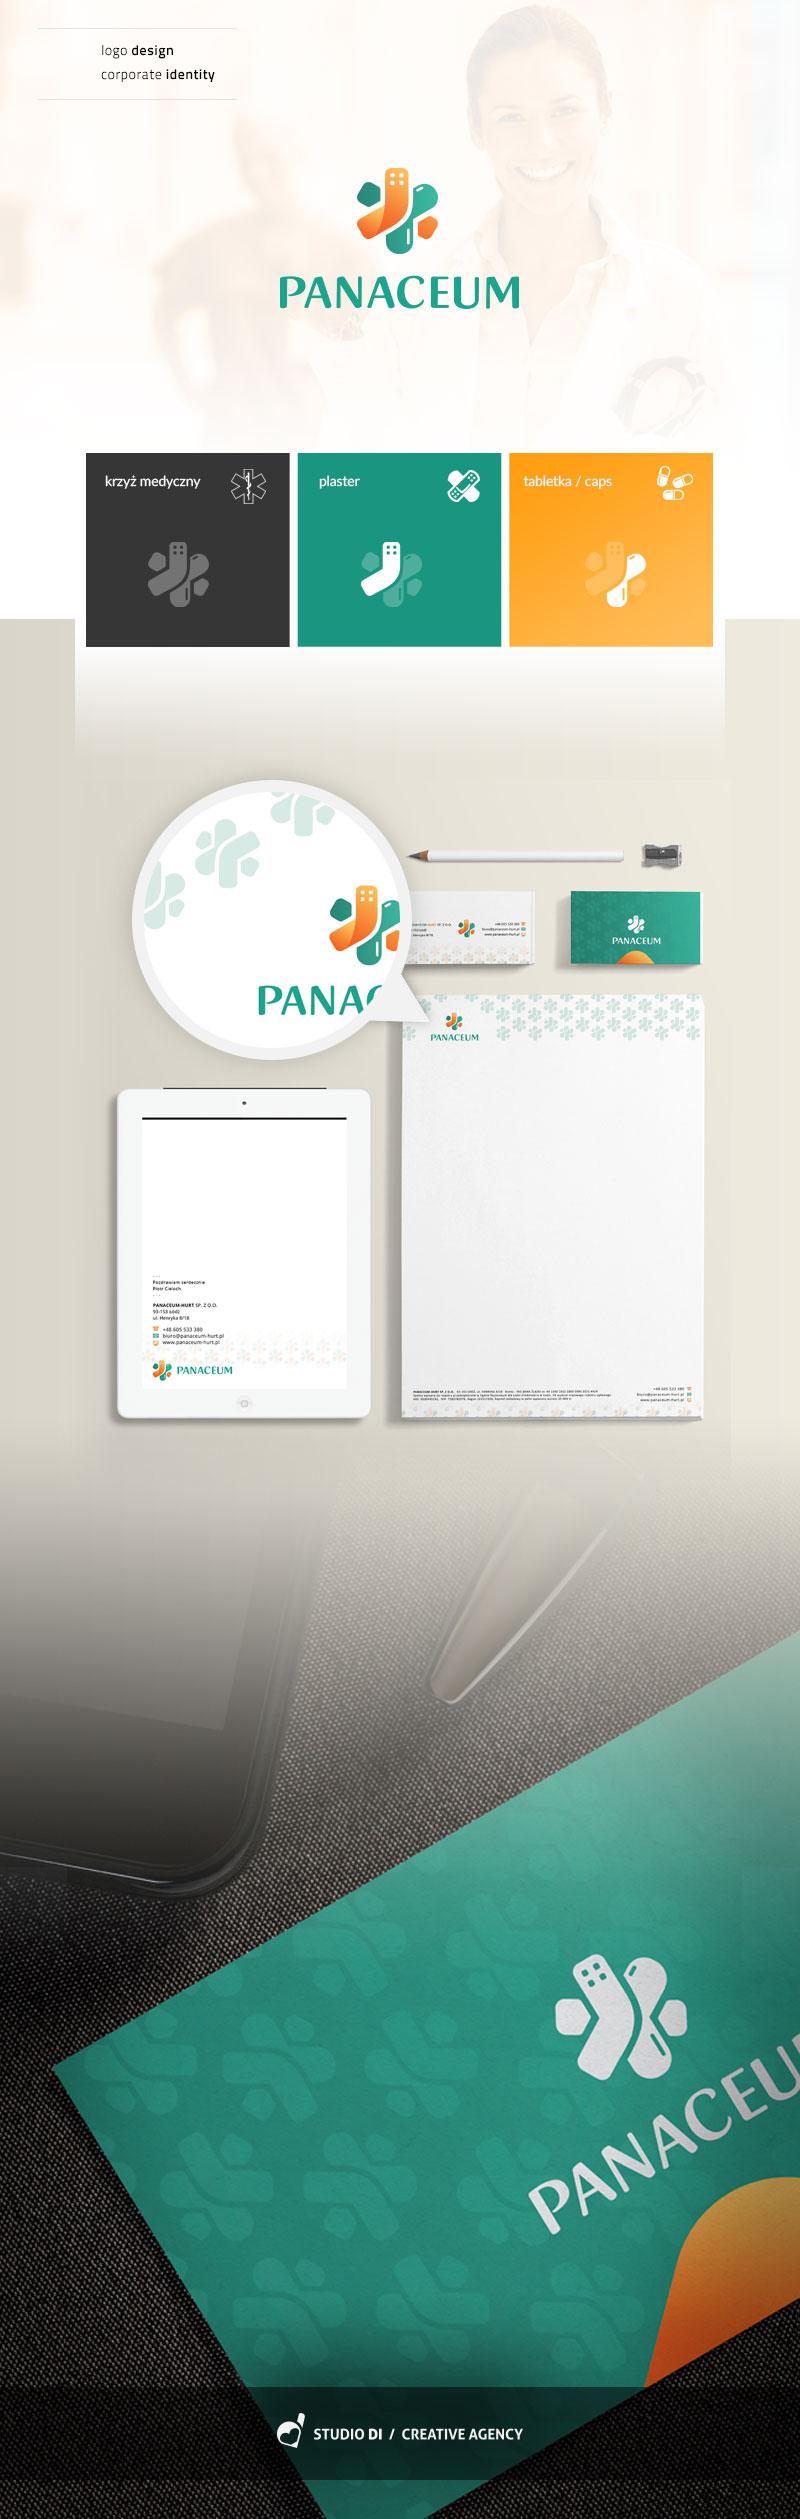 panaceum-przentacja-identyfikacja-wizualna